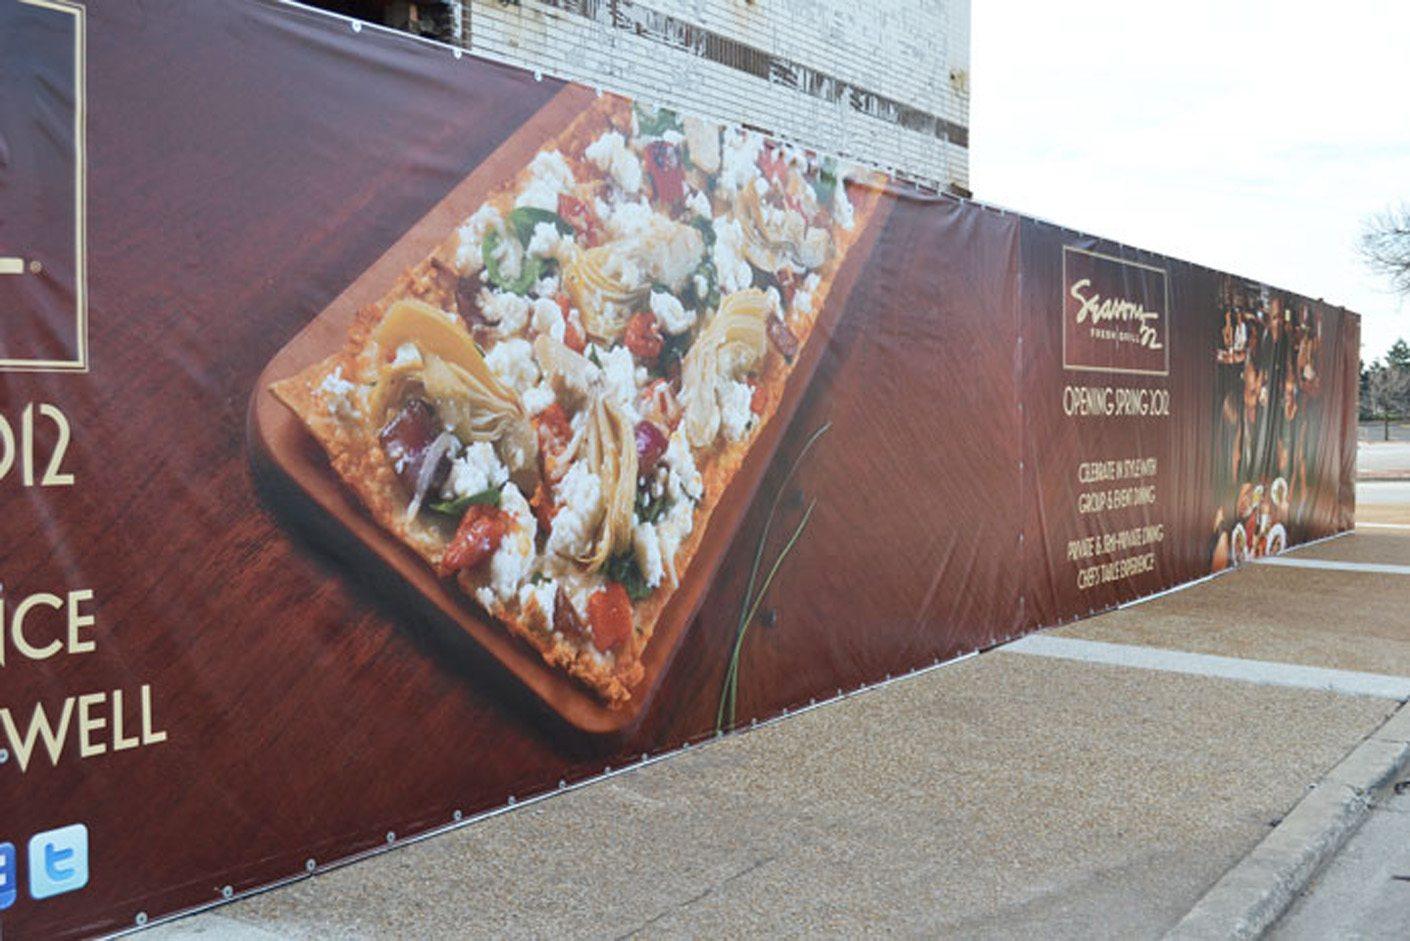 Construction Site Banner for Season's 52 Restaurant